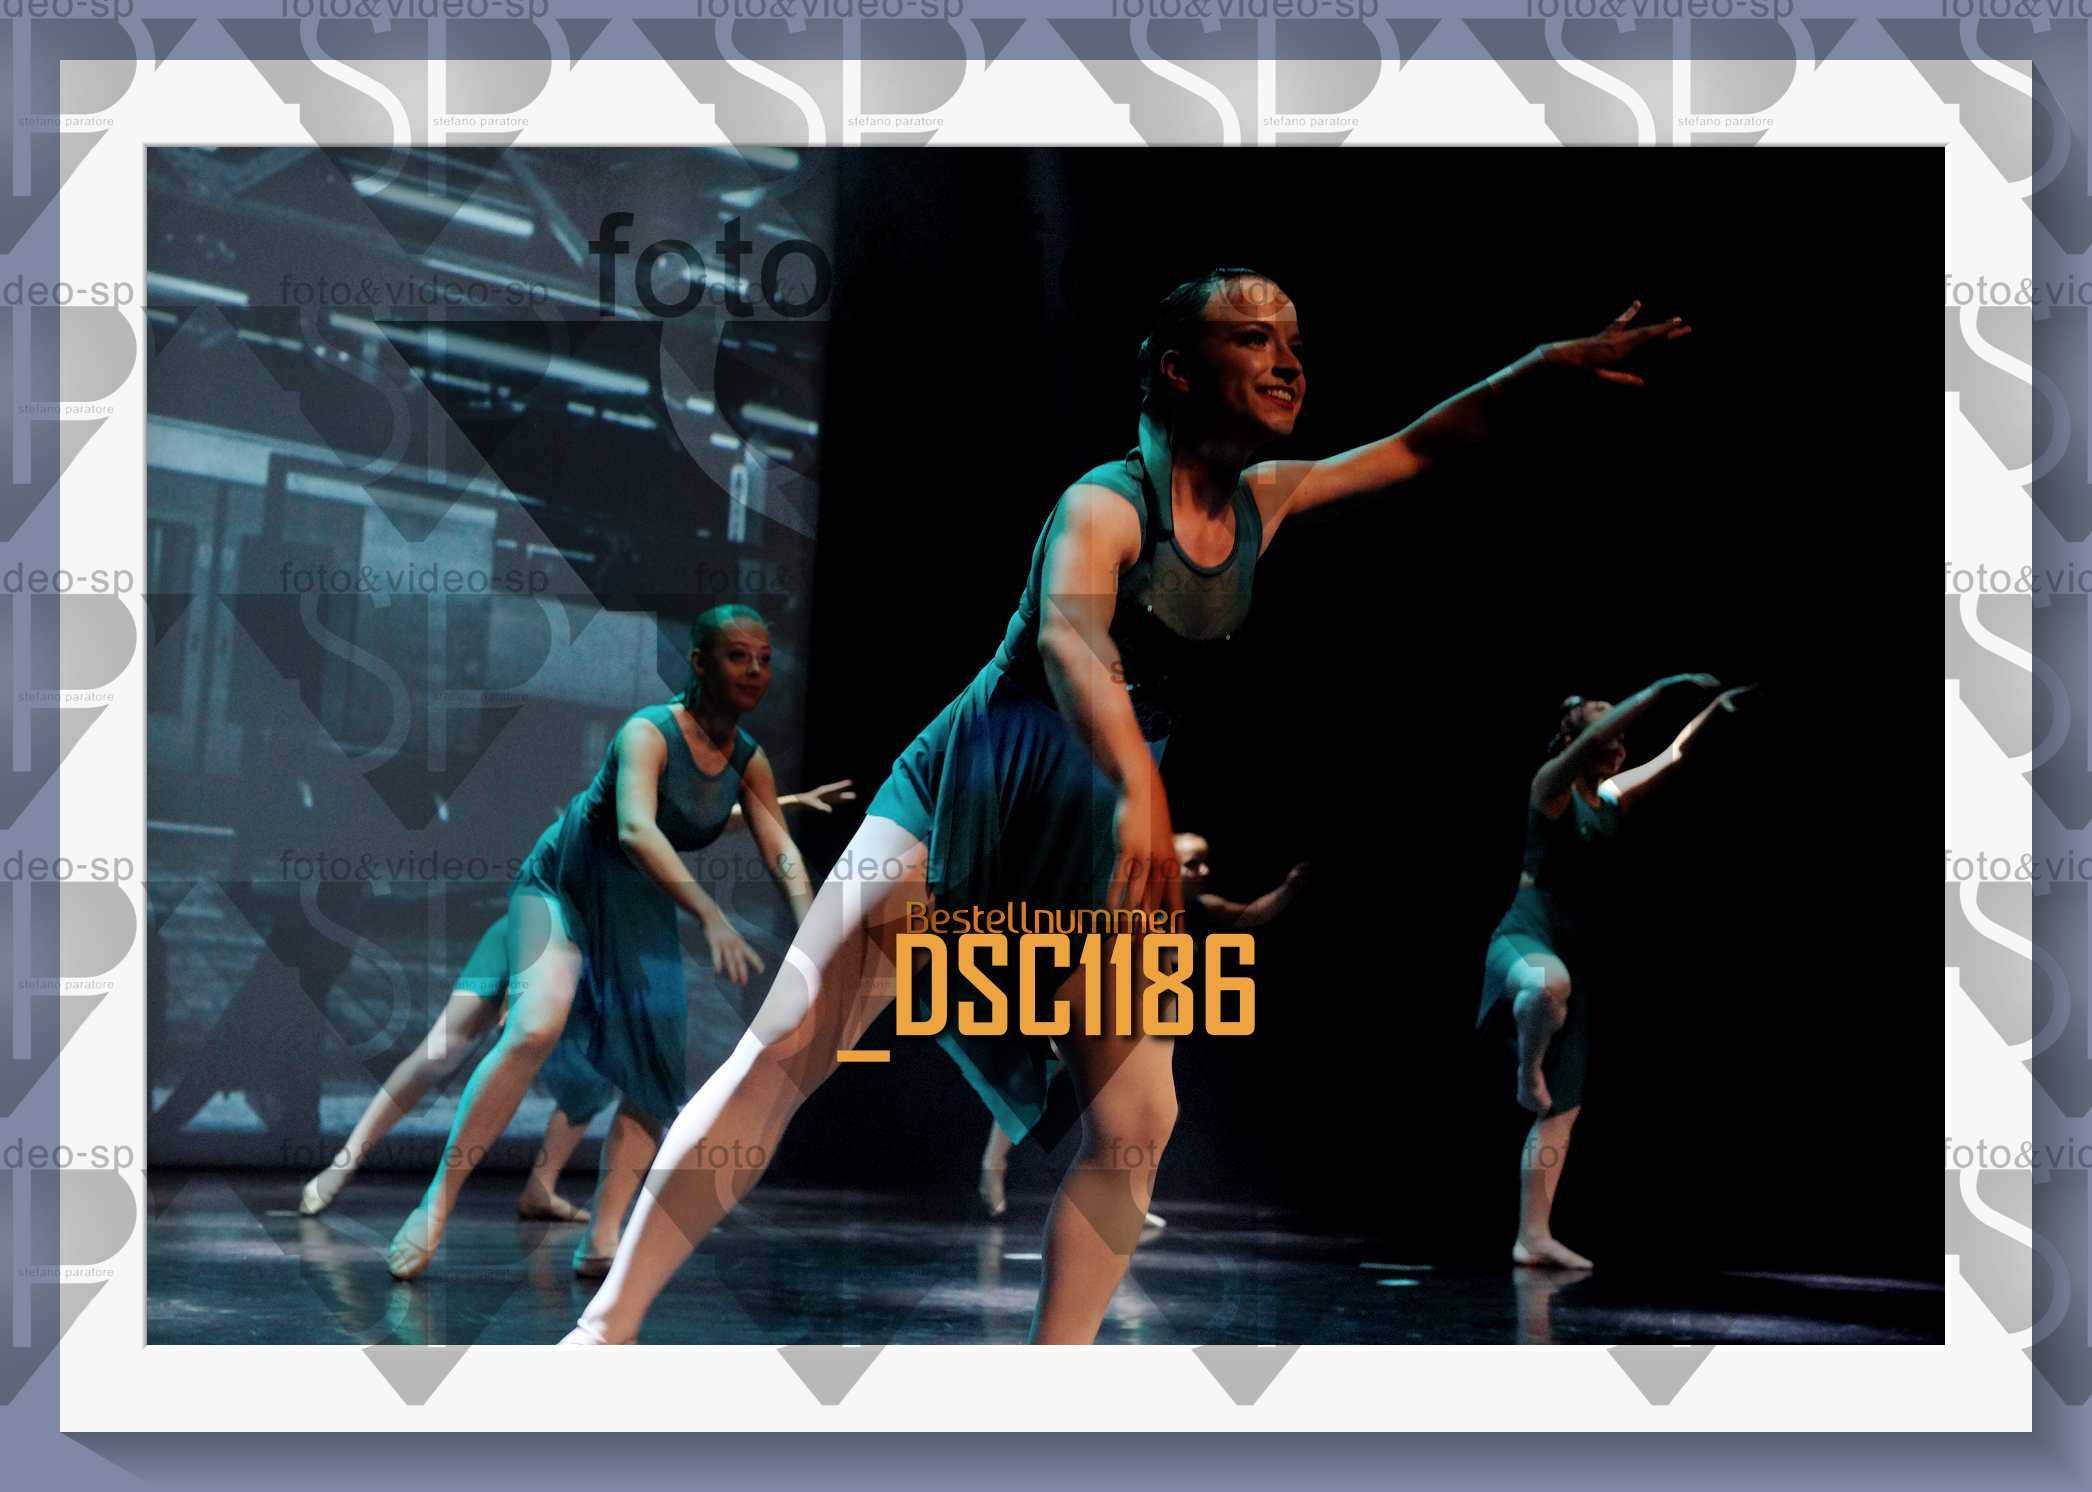 DSC1186